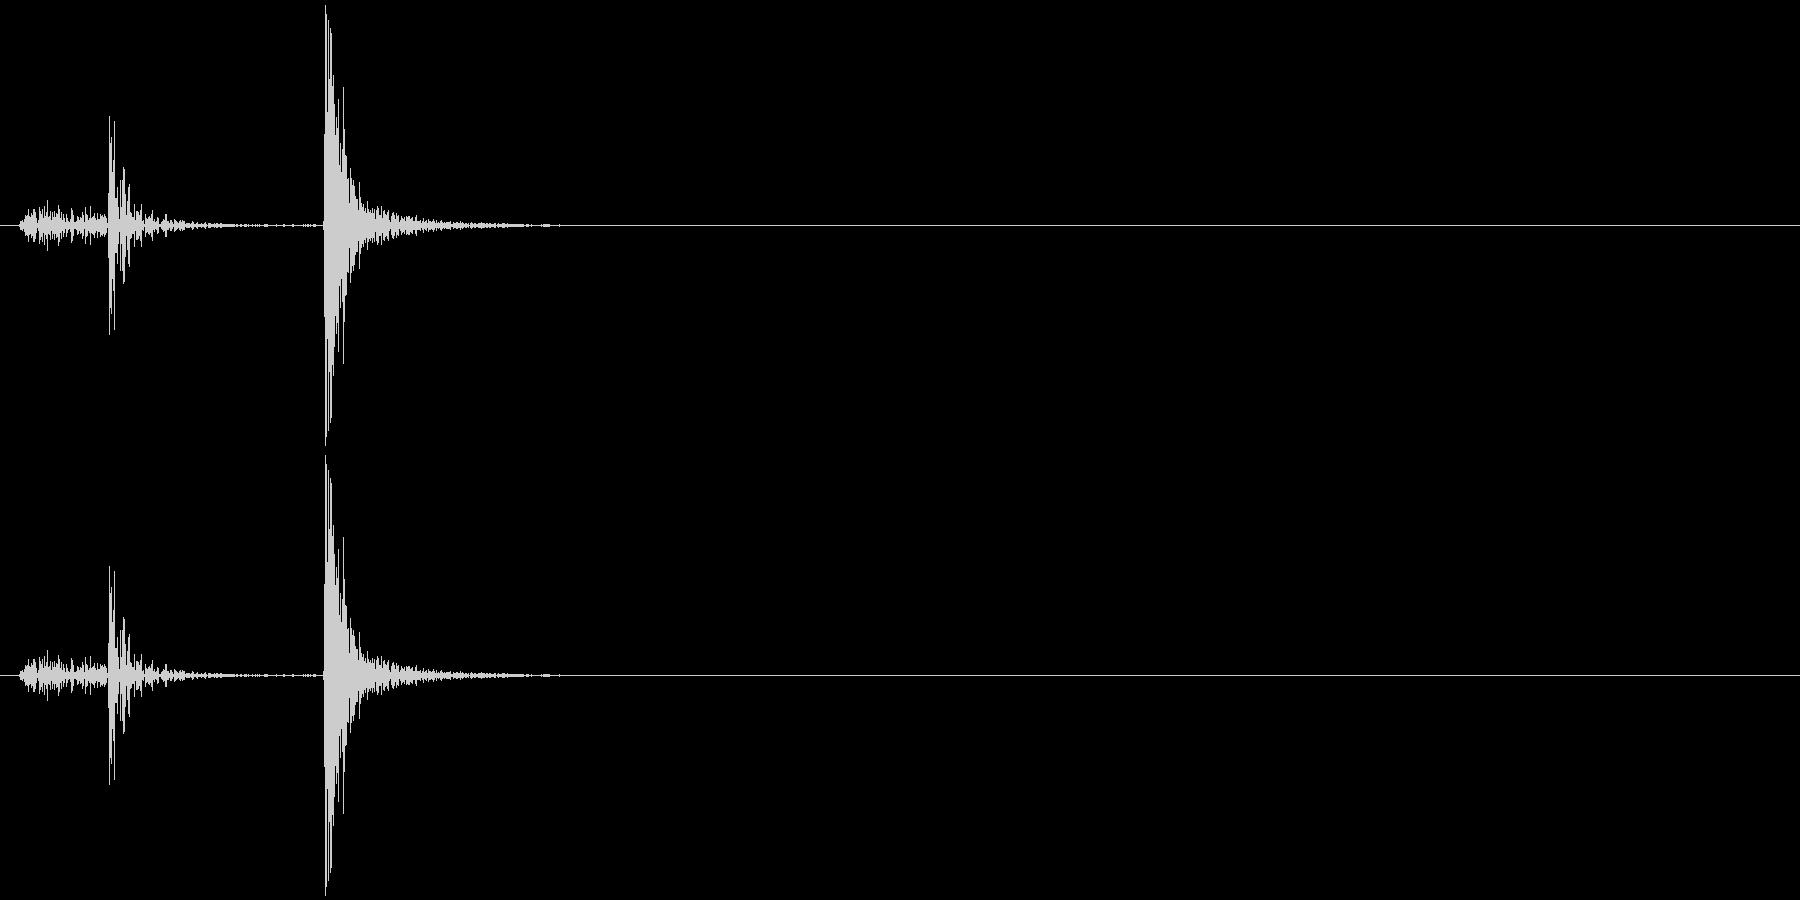 カチッ パチッ 木のパズル・駒を置く音の未再生の波形